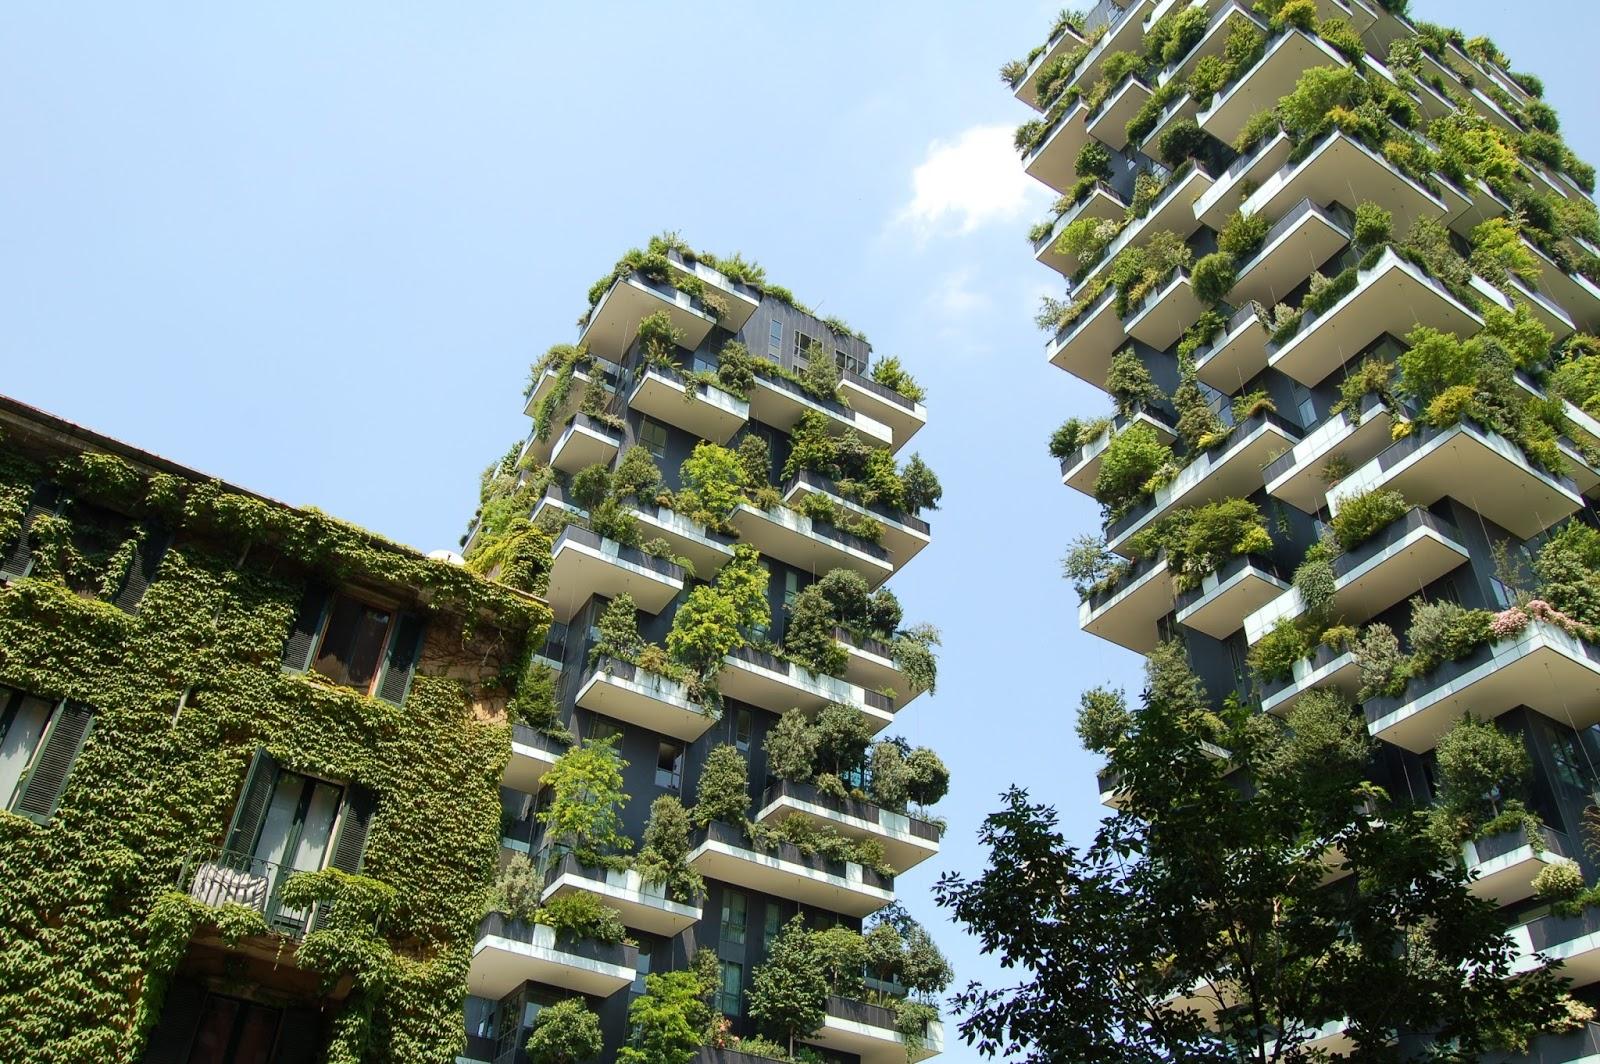 Diseño y plantas